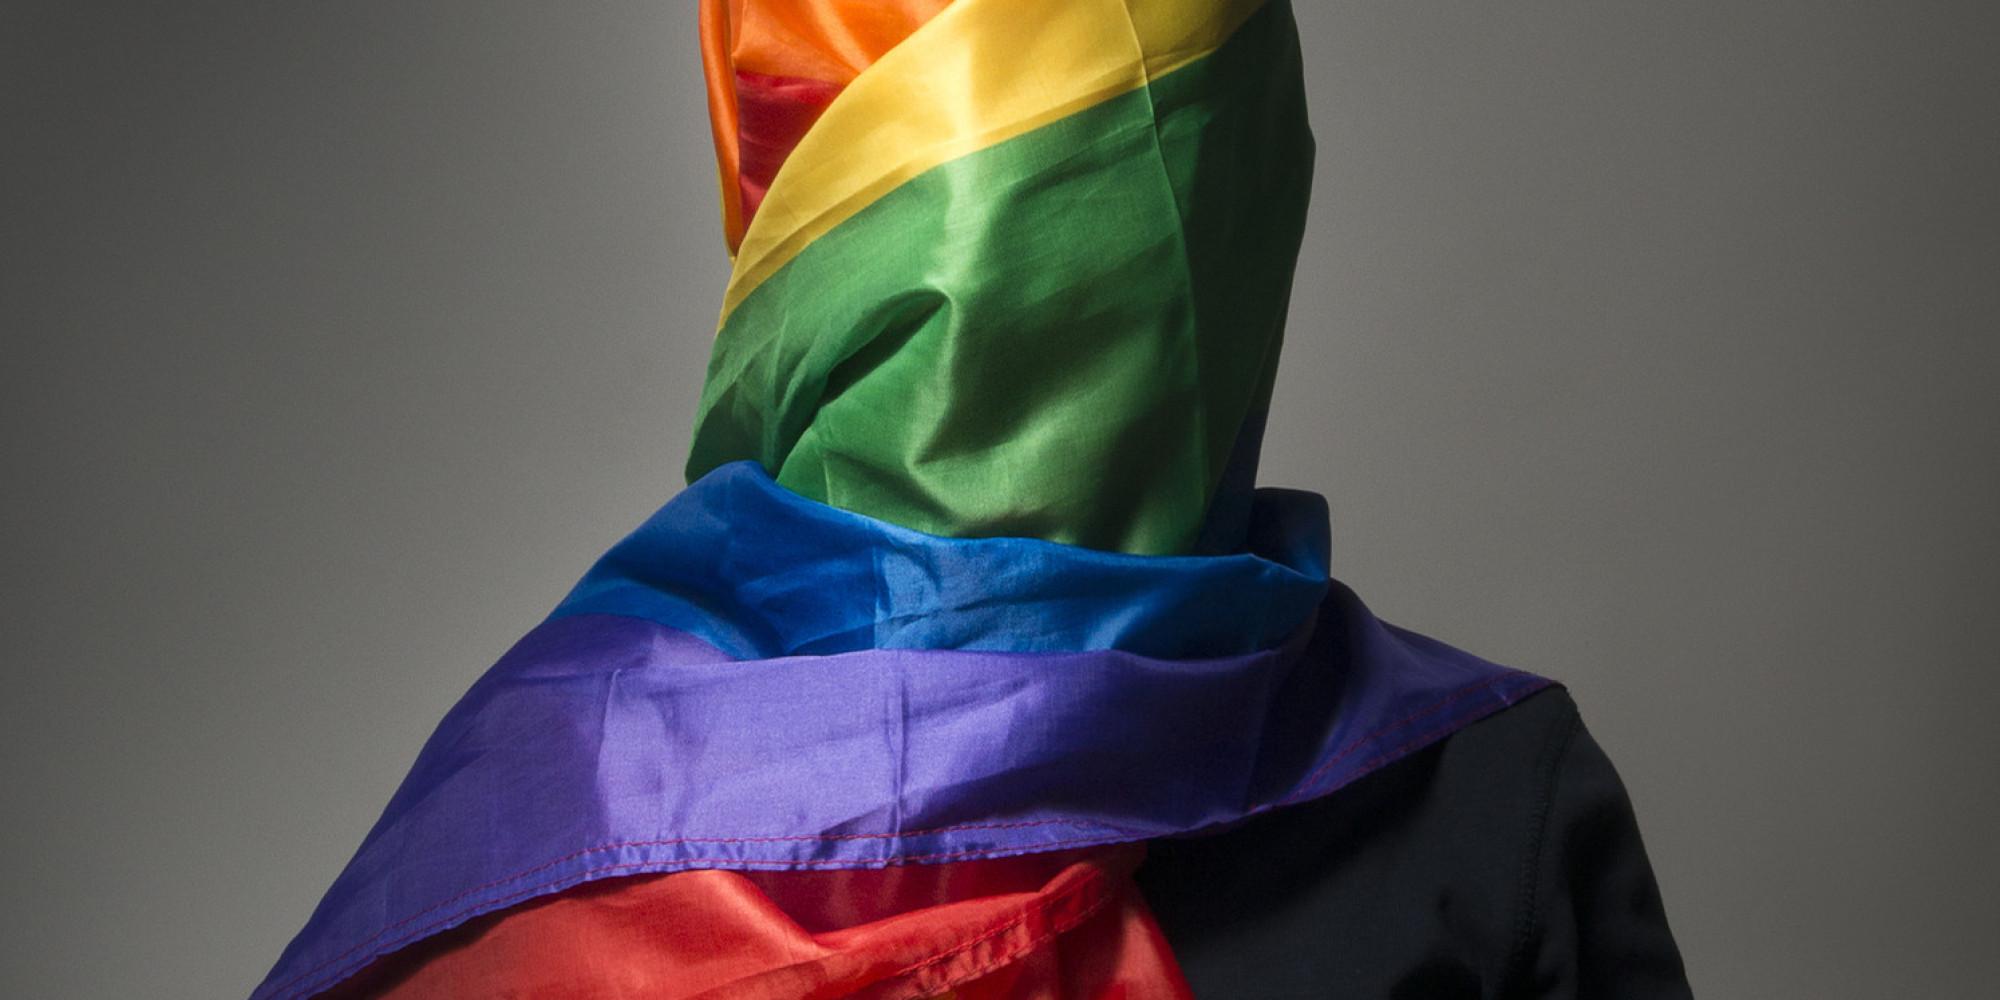 دگرباشان و دین؛ جمع اضداد یا انتخاب فردی